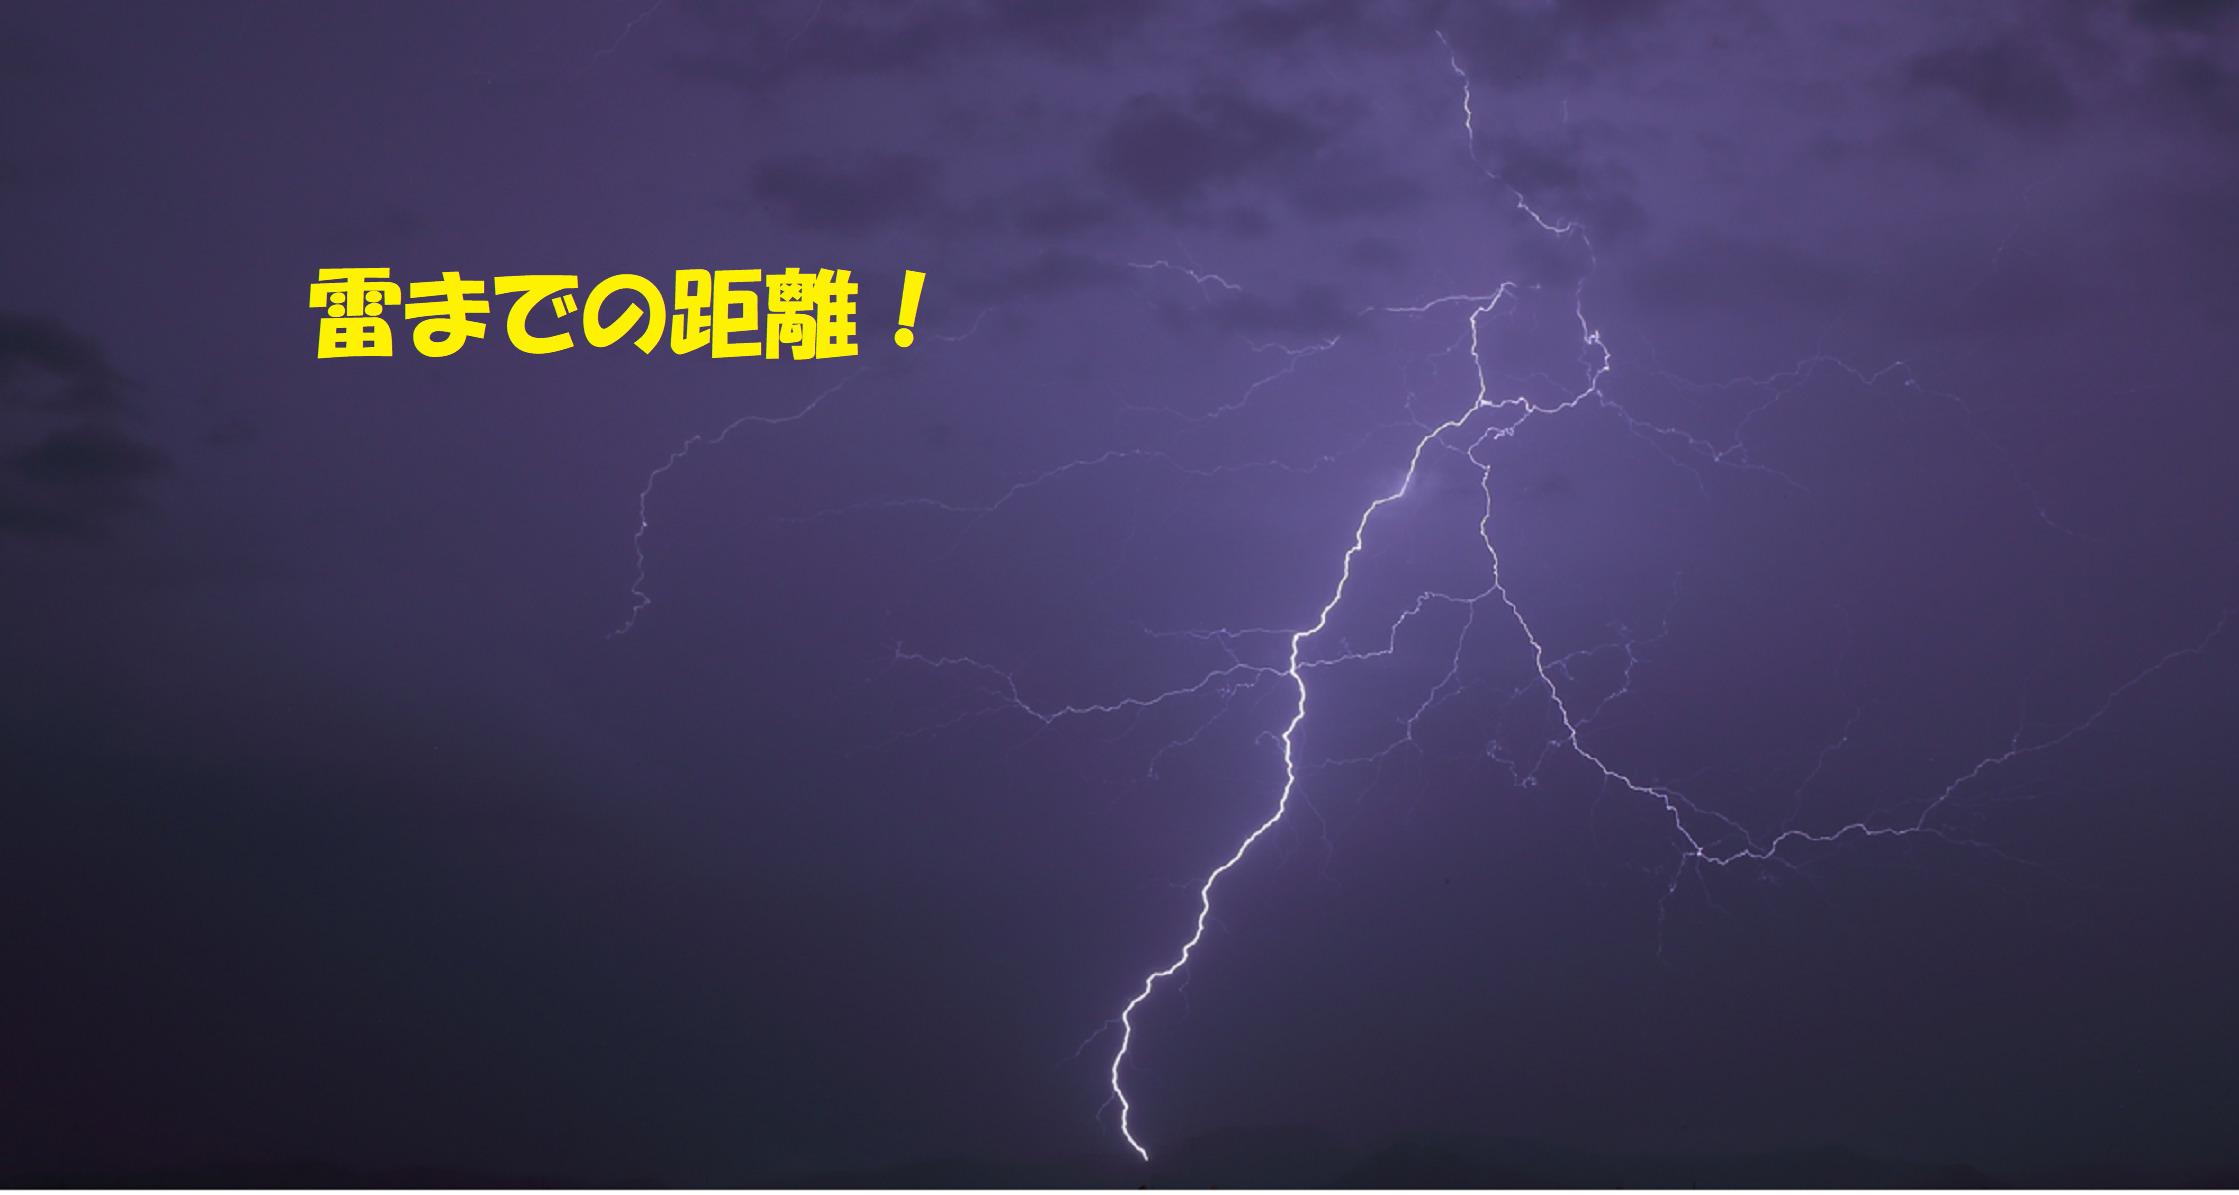 雷のイメージ(雷までの距離)